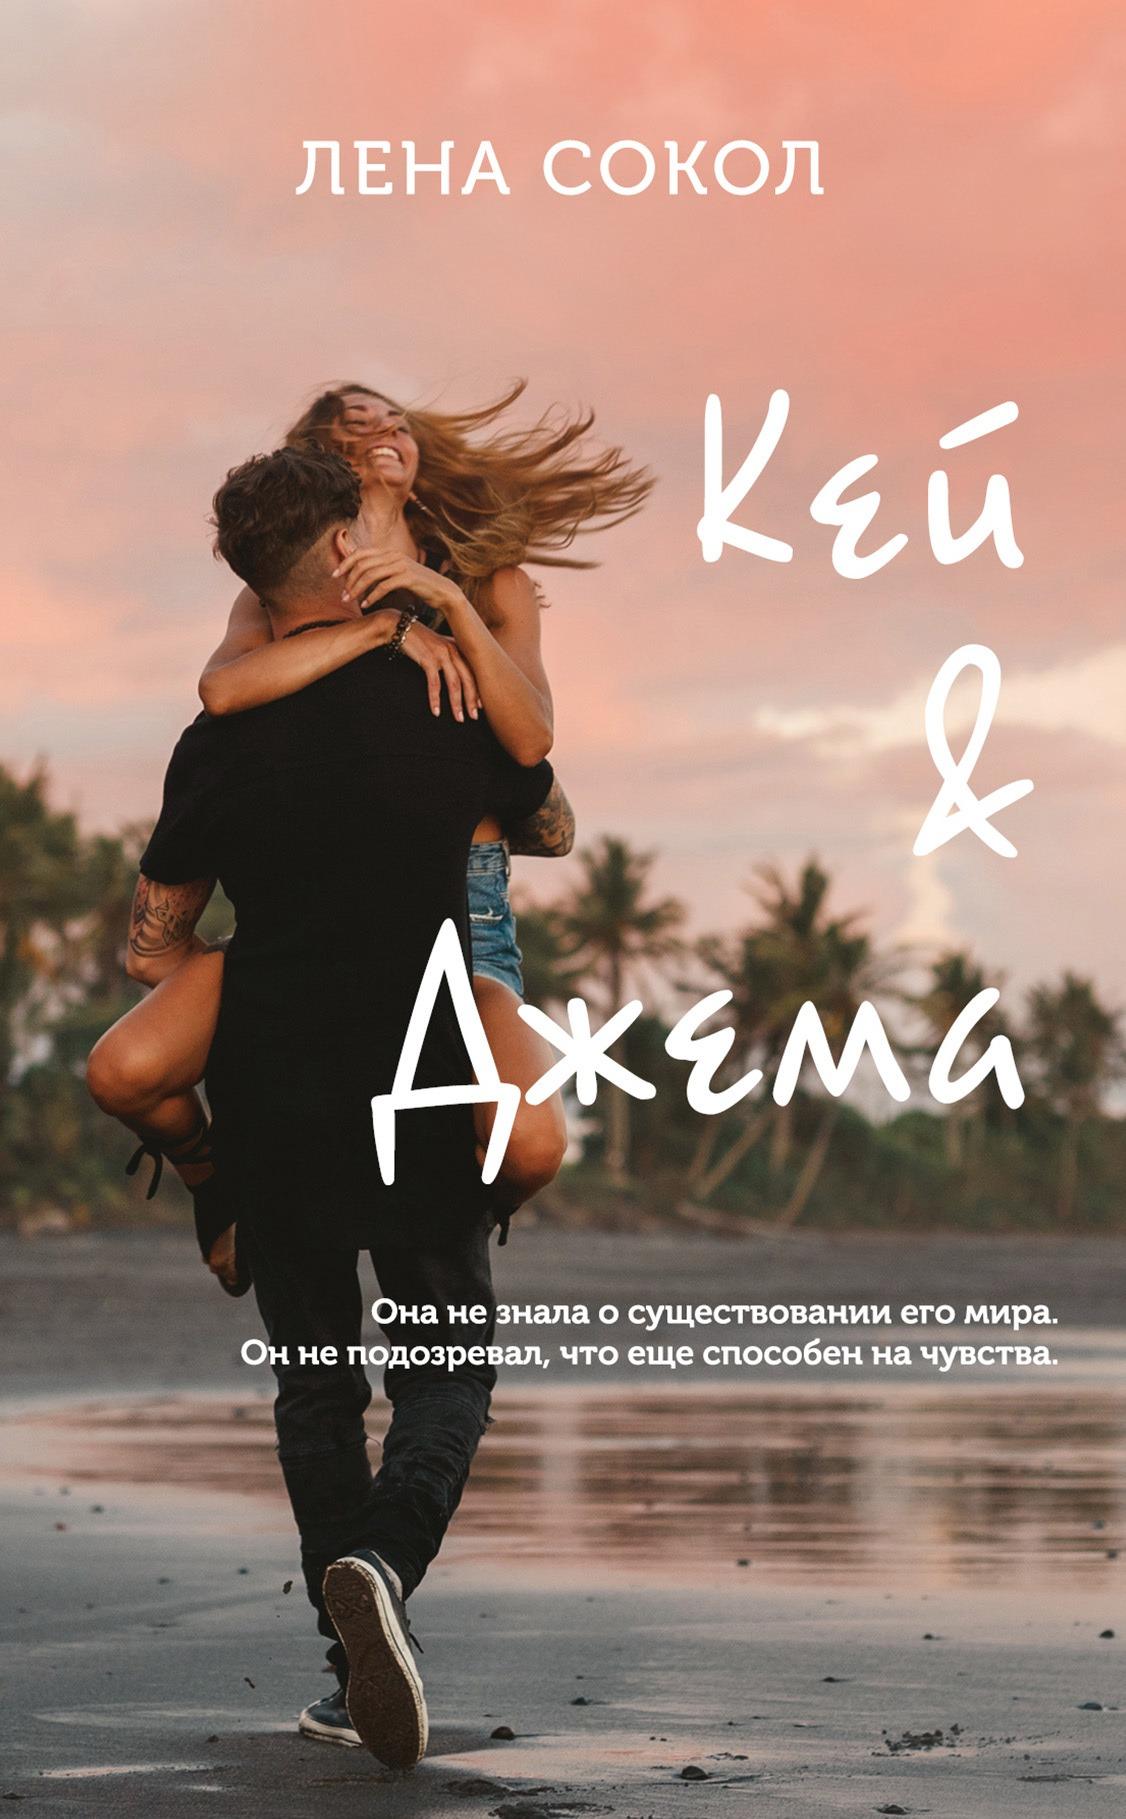 Кей и Джема